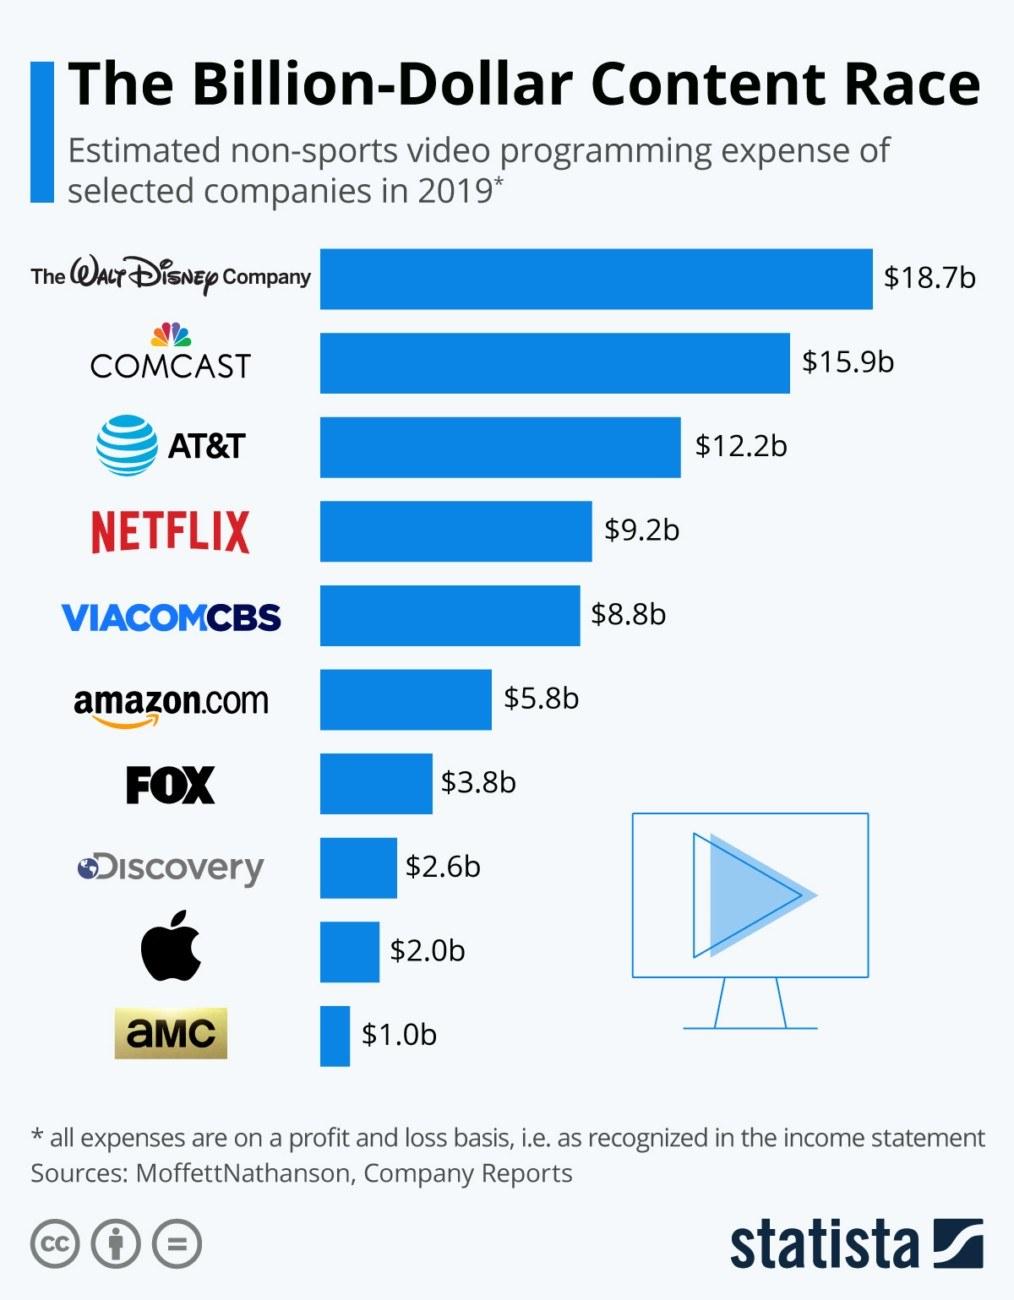 Гонка за контентом на миллиарды долларов: расчетные расходы на неспортивные видеопрограммы крупнейших игроков рынка в 2019 году.